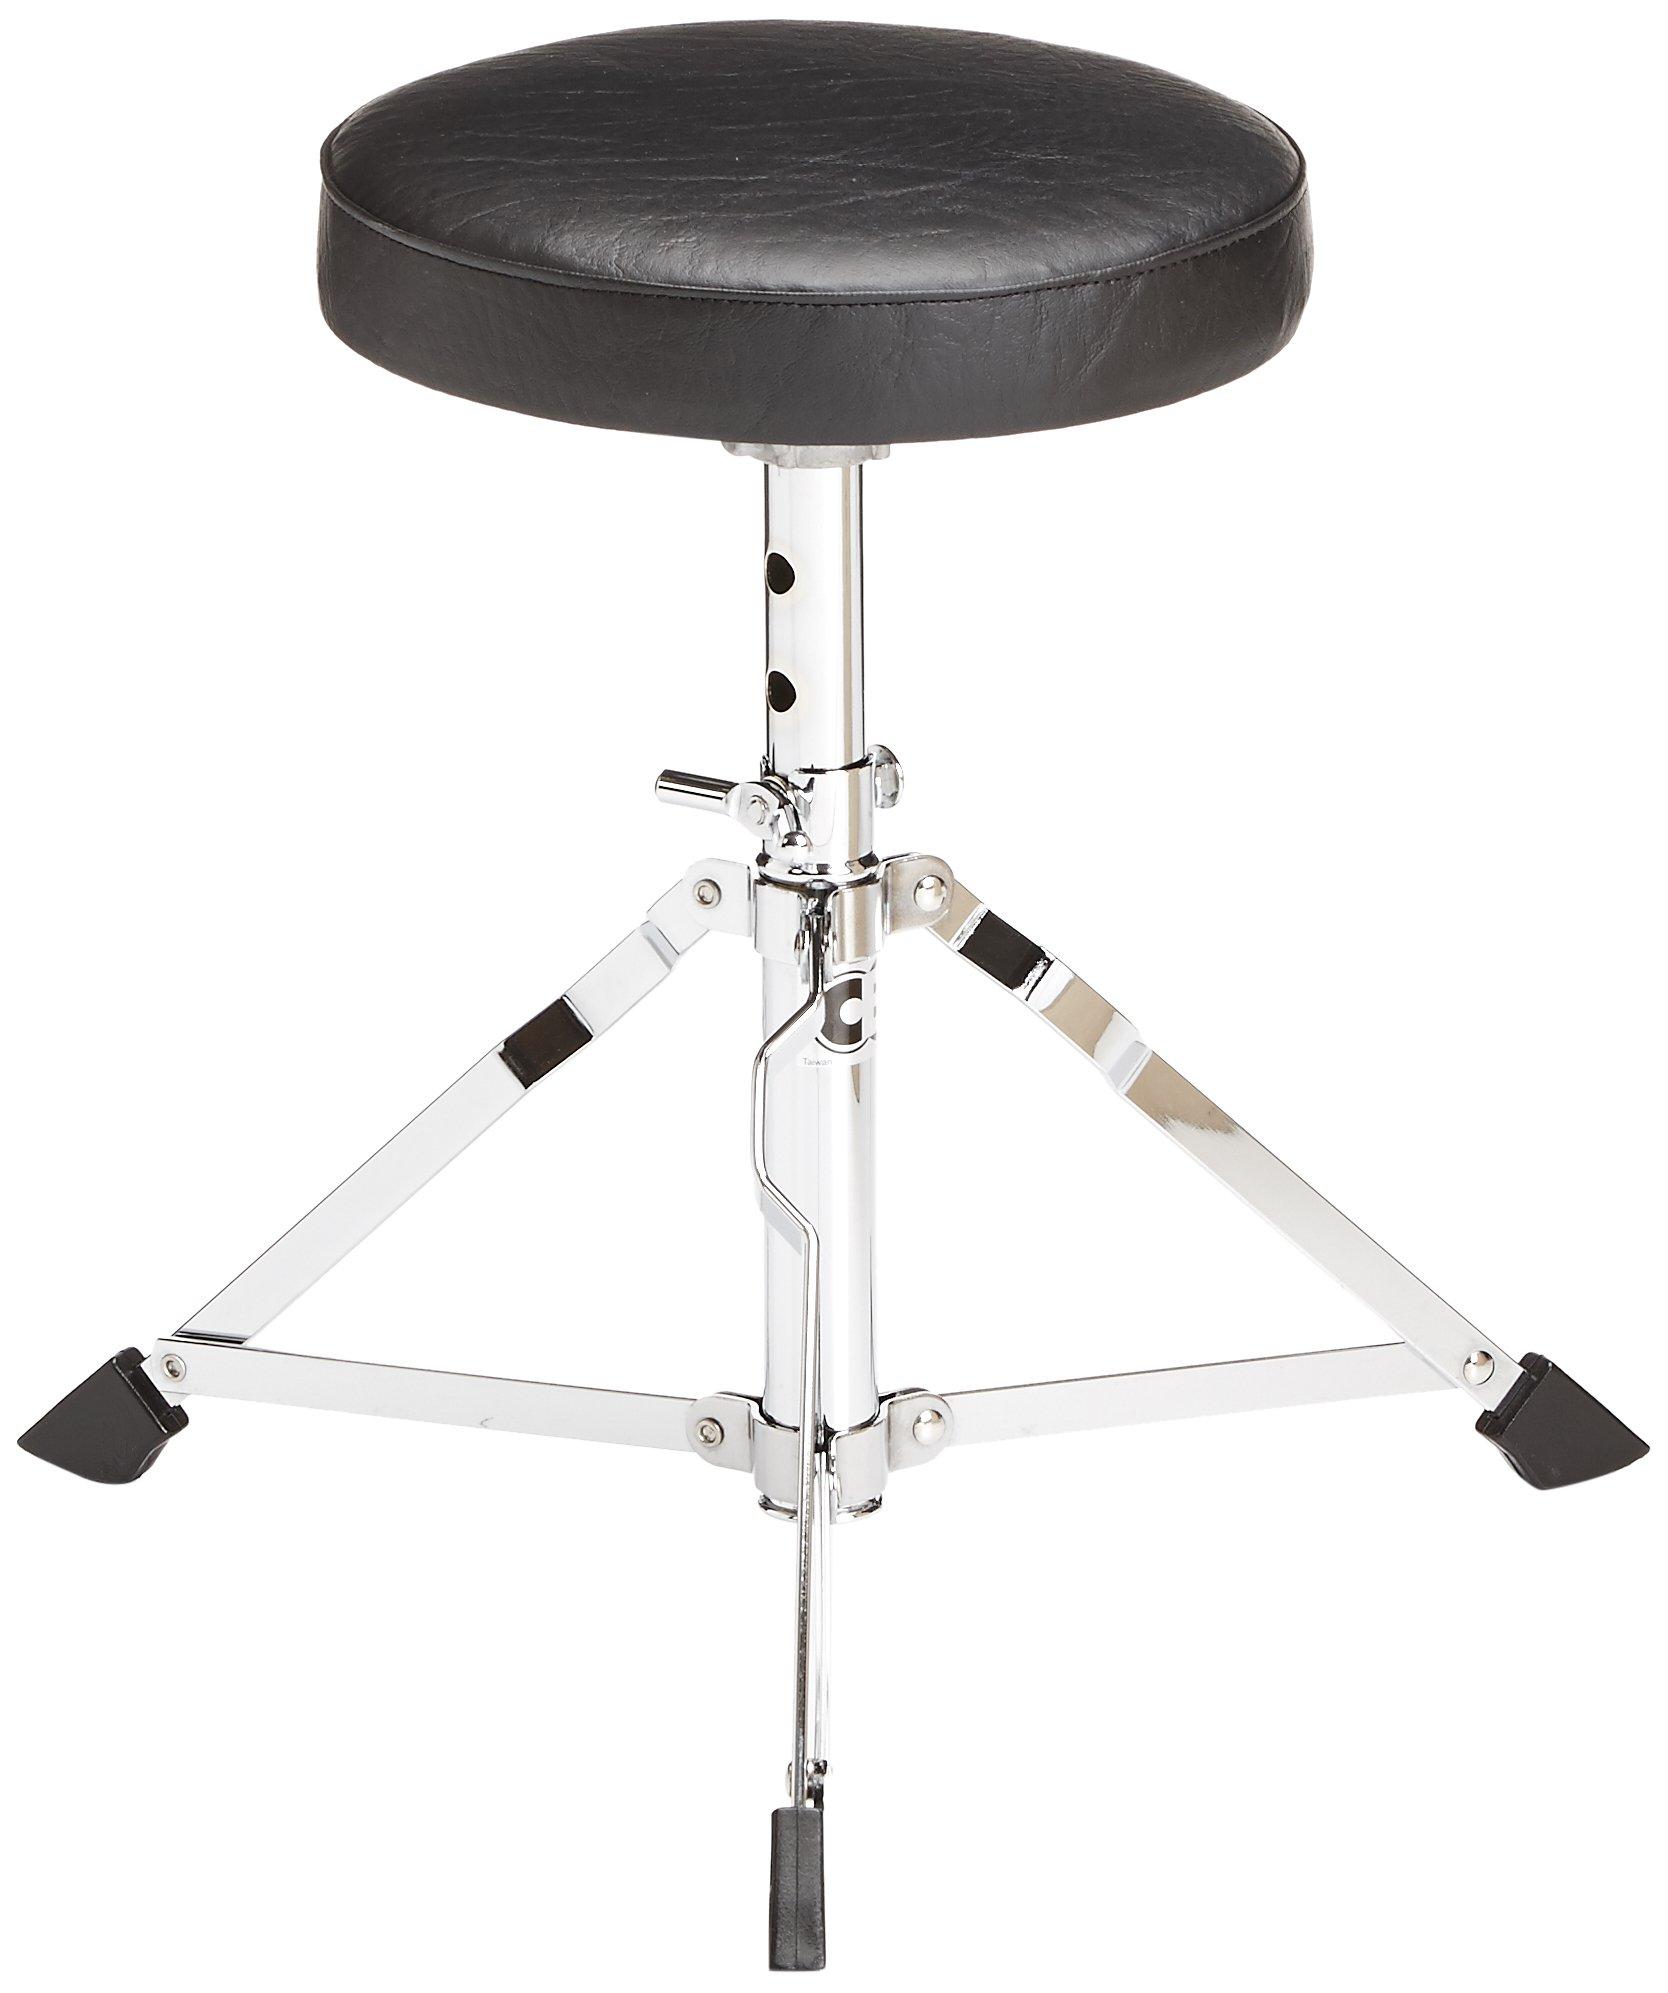 CB Drums JRX08 Junio Drum Throne